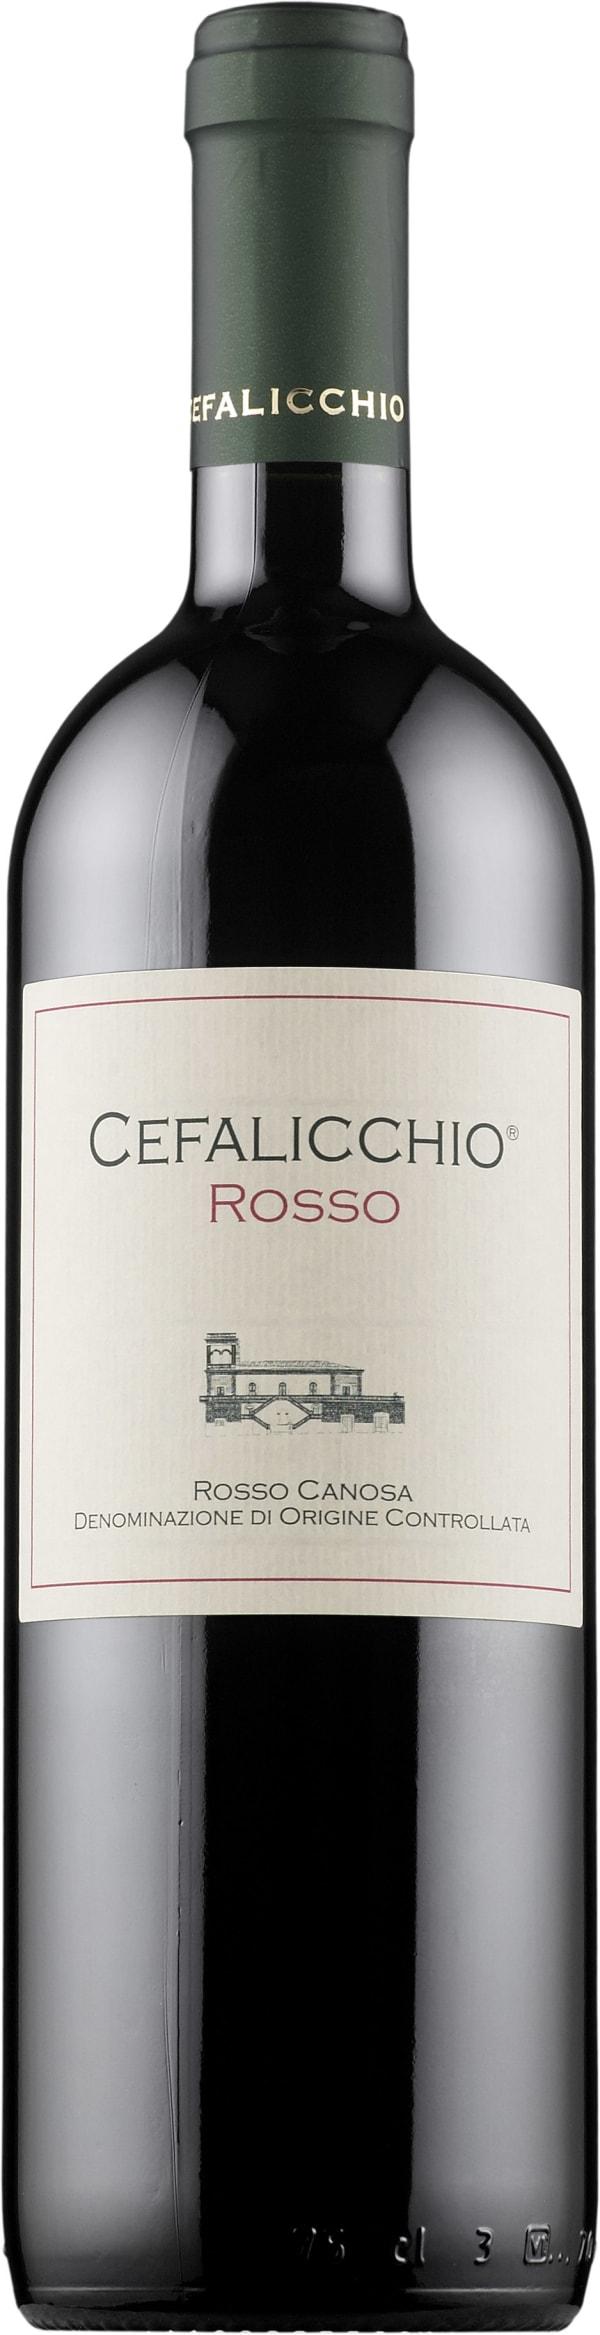 Cefalicchio Rosso 2011